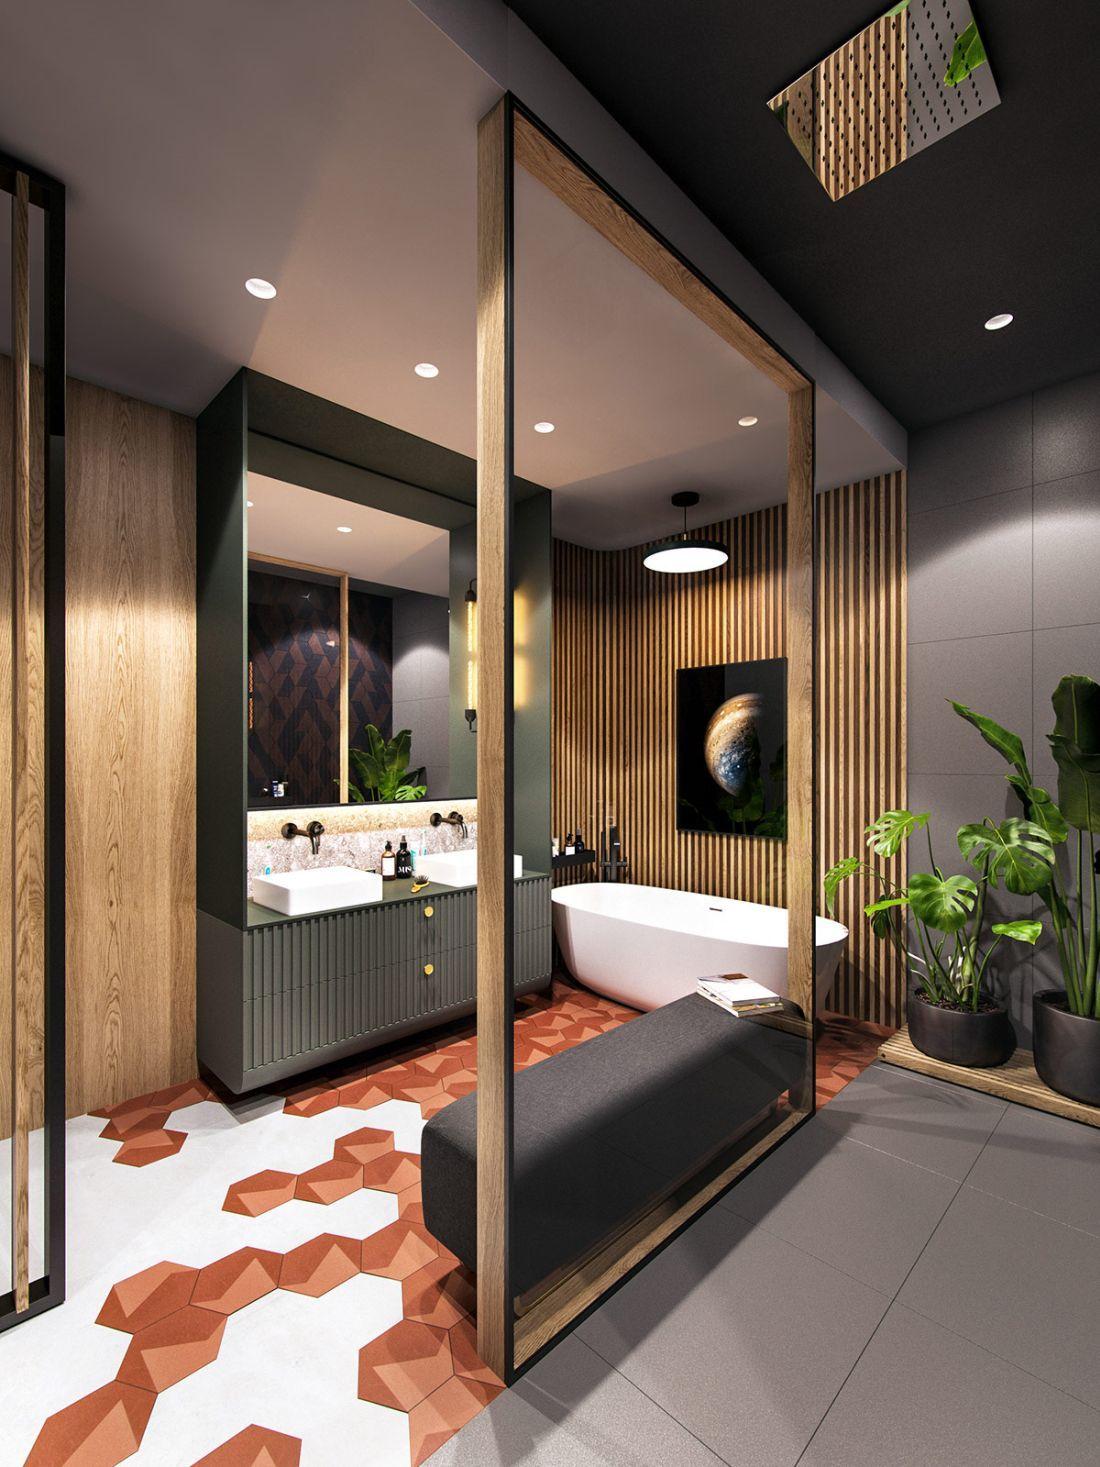 Hatszögletű lapok a fürdőszoba padlóján